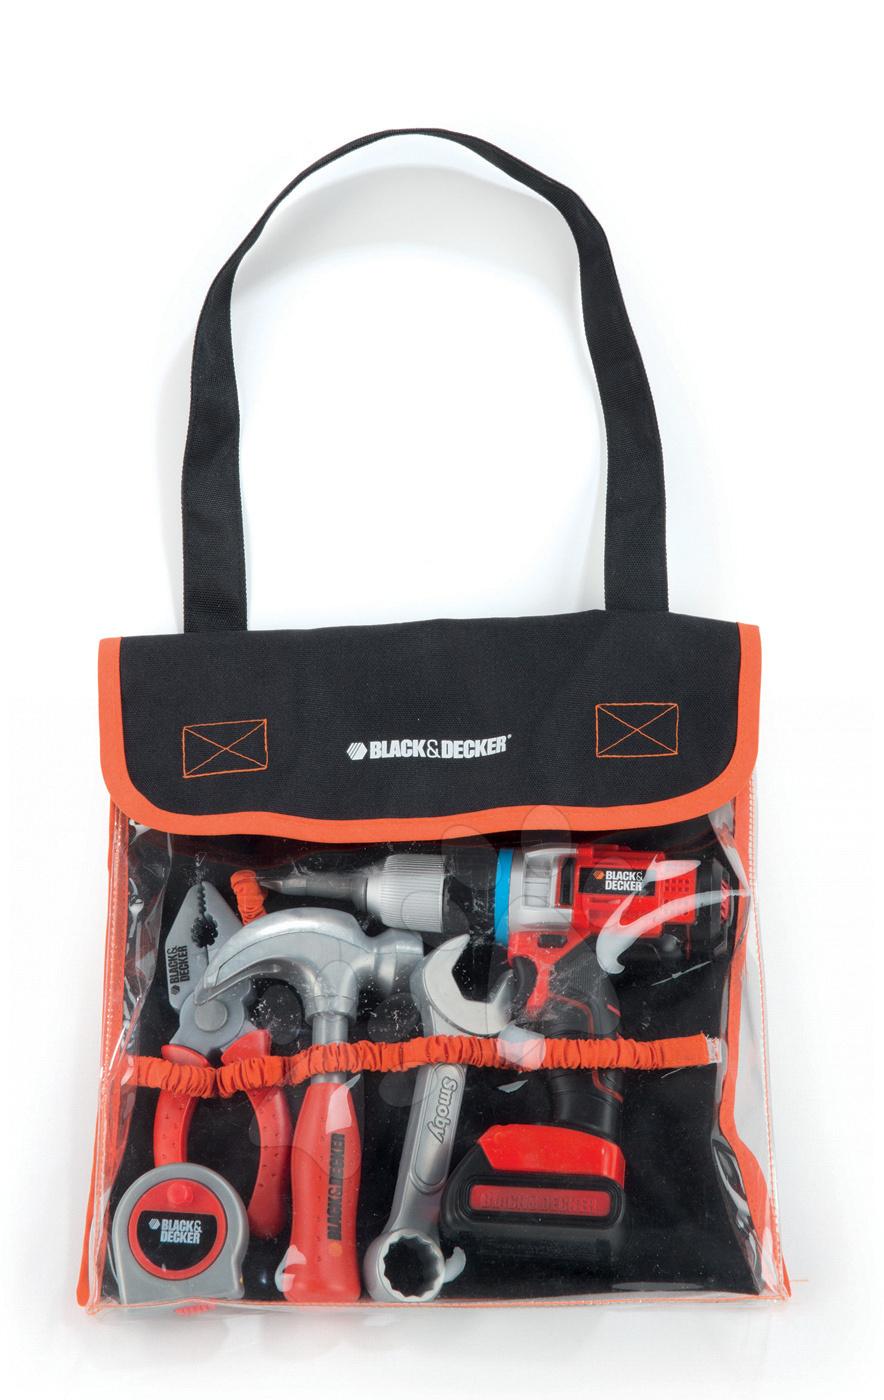 Pracovní nástroje Black&Decker Smoby v tašce s mechanickou vrtačkou 6 kusů